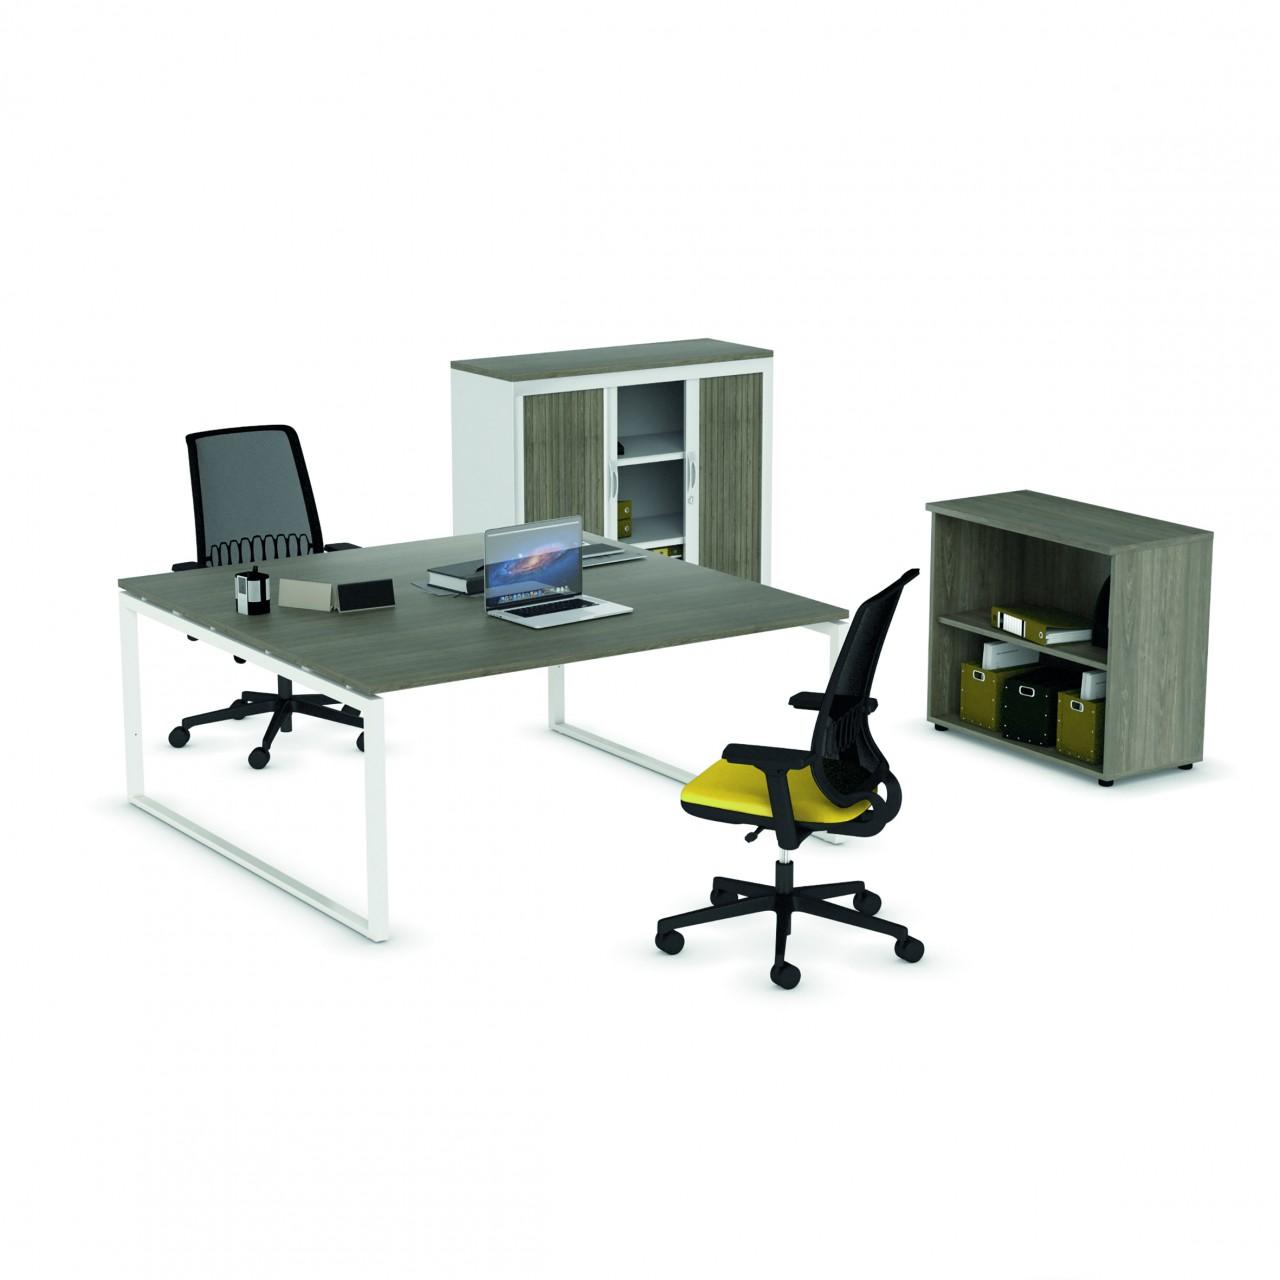 Bureau 2 personnes bureau bench akka 2 personnes for Bureau design 2 personnes